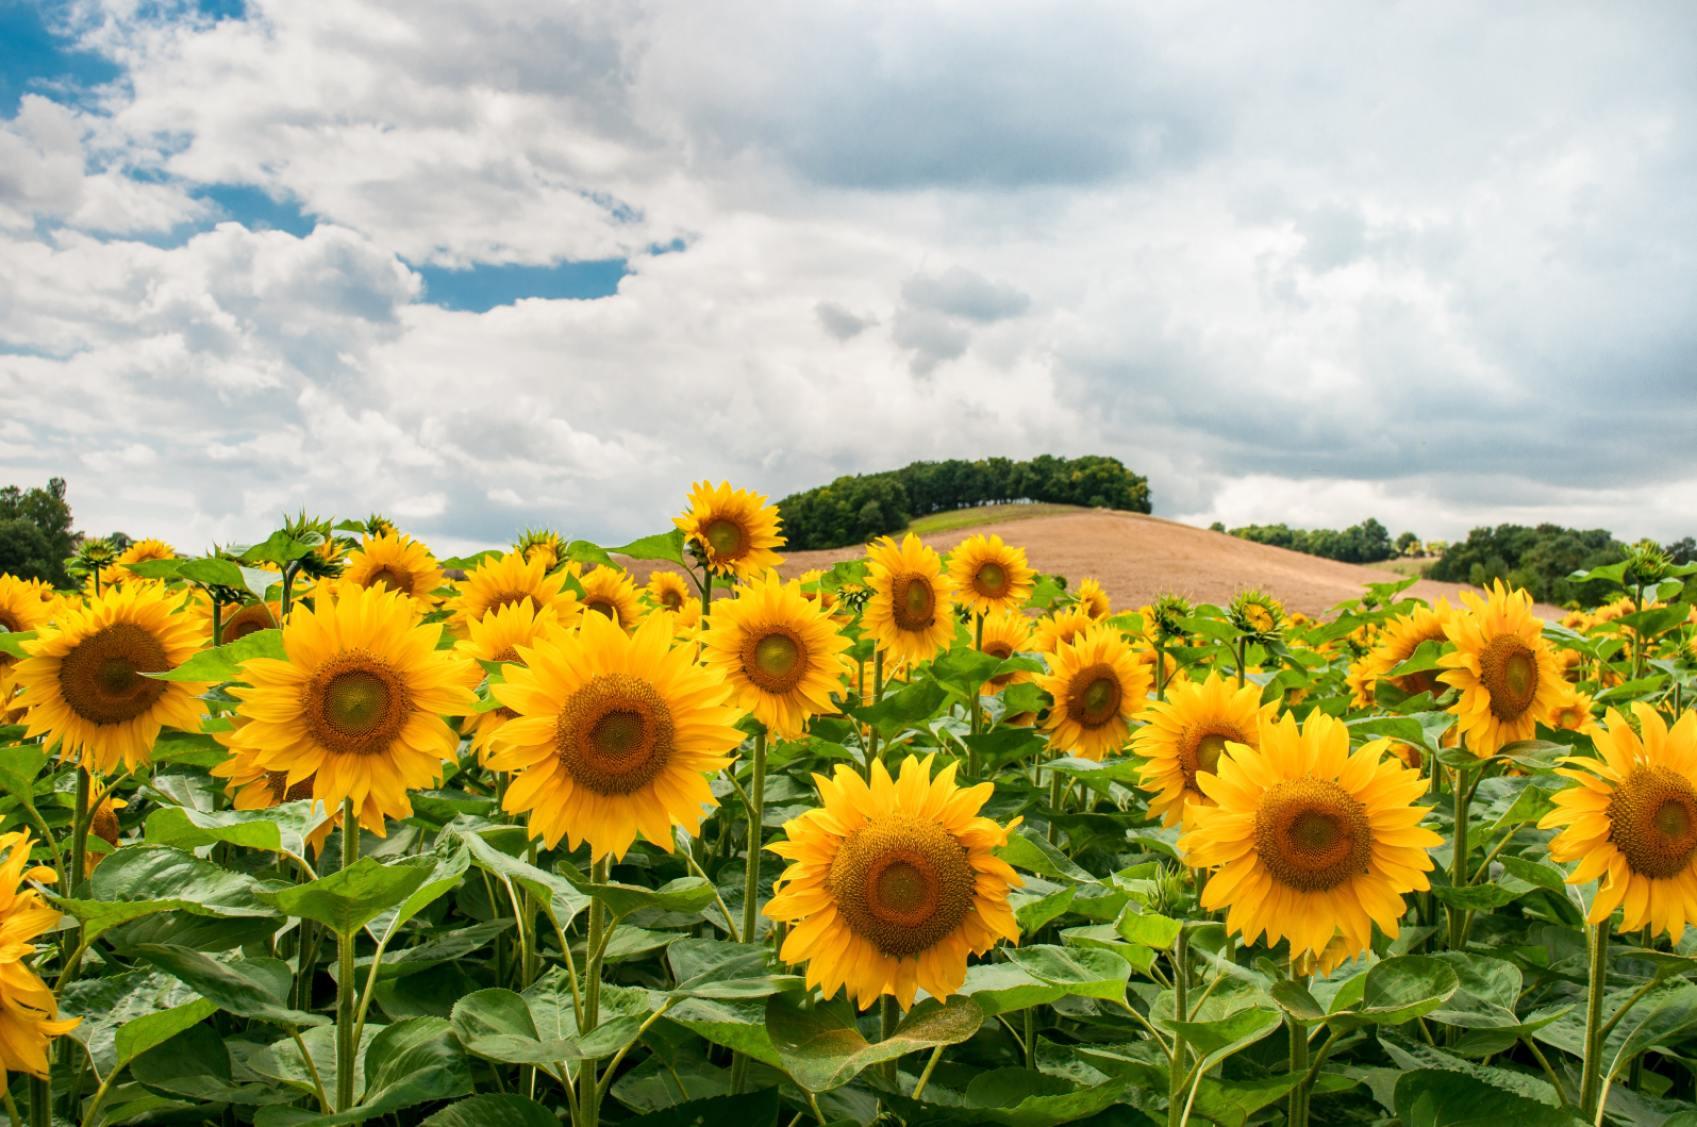 Field of Sunflowers - Original image